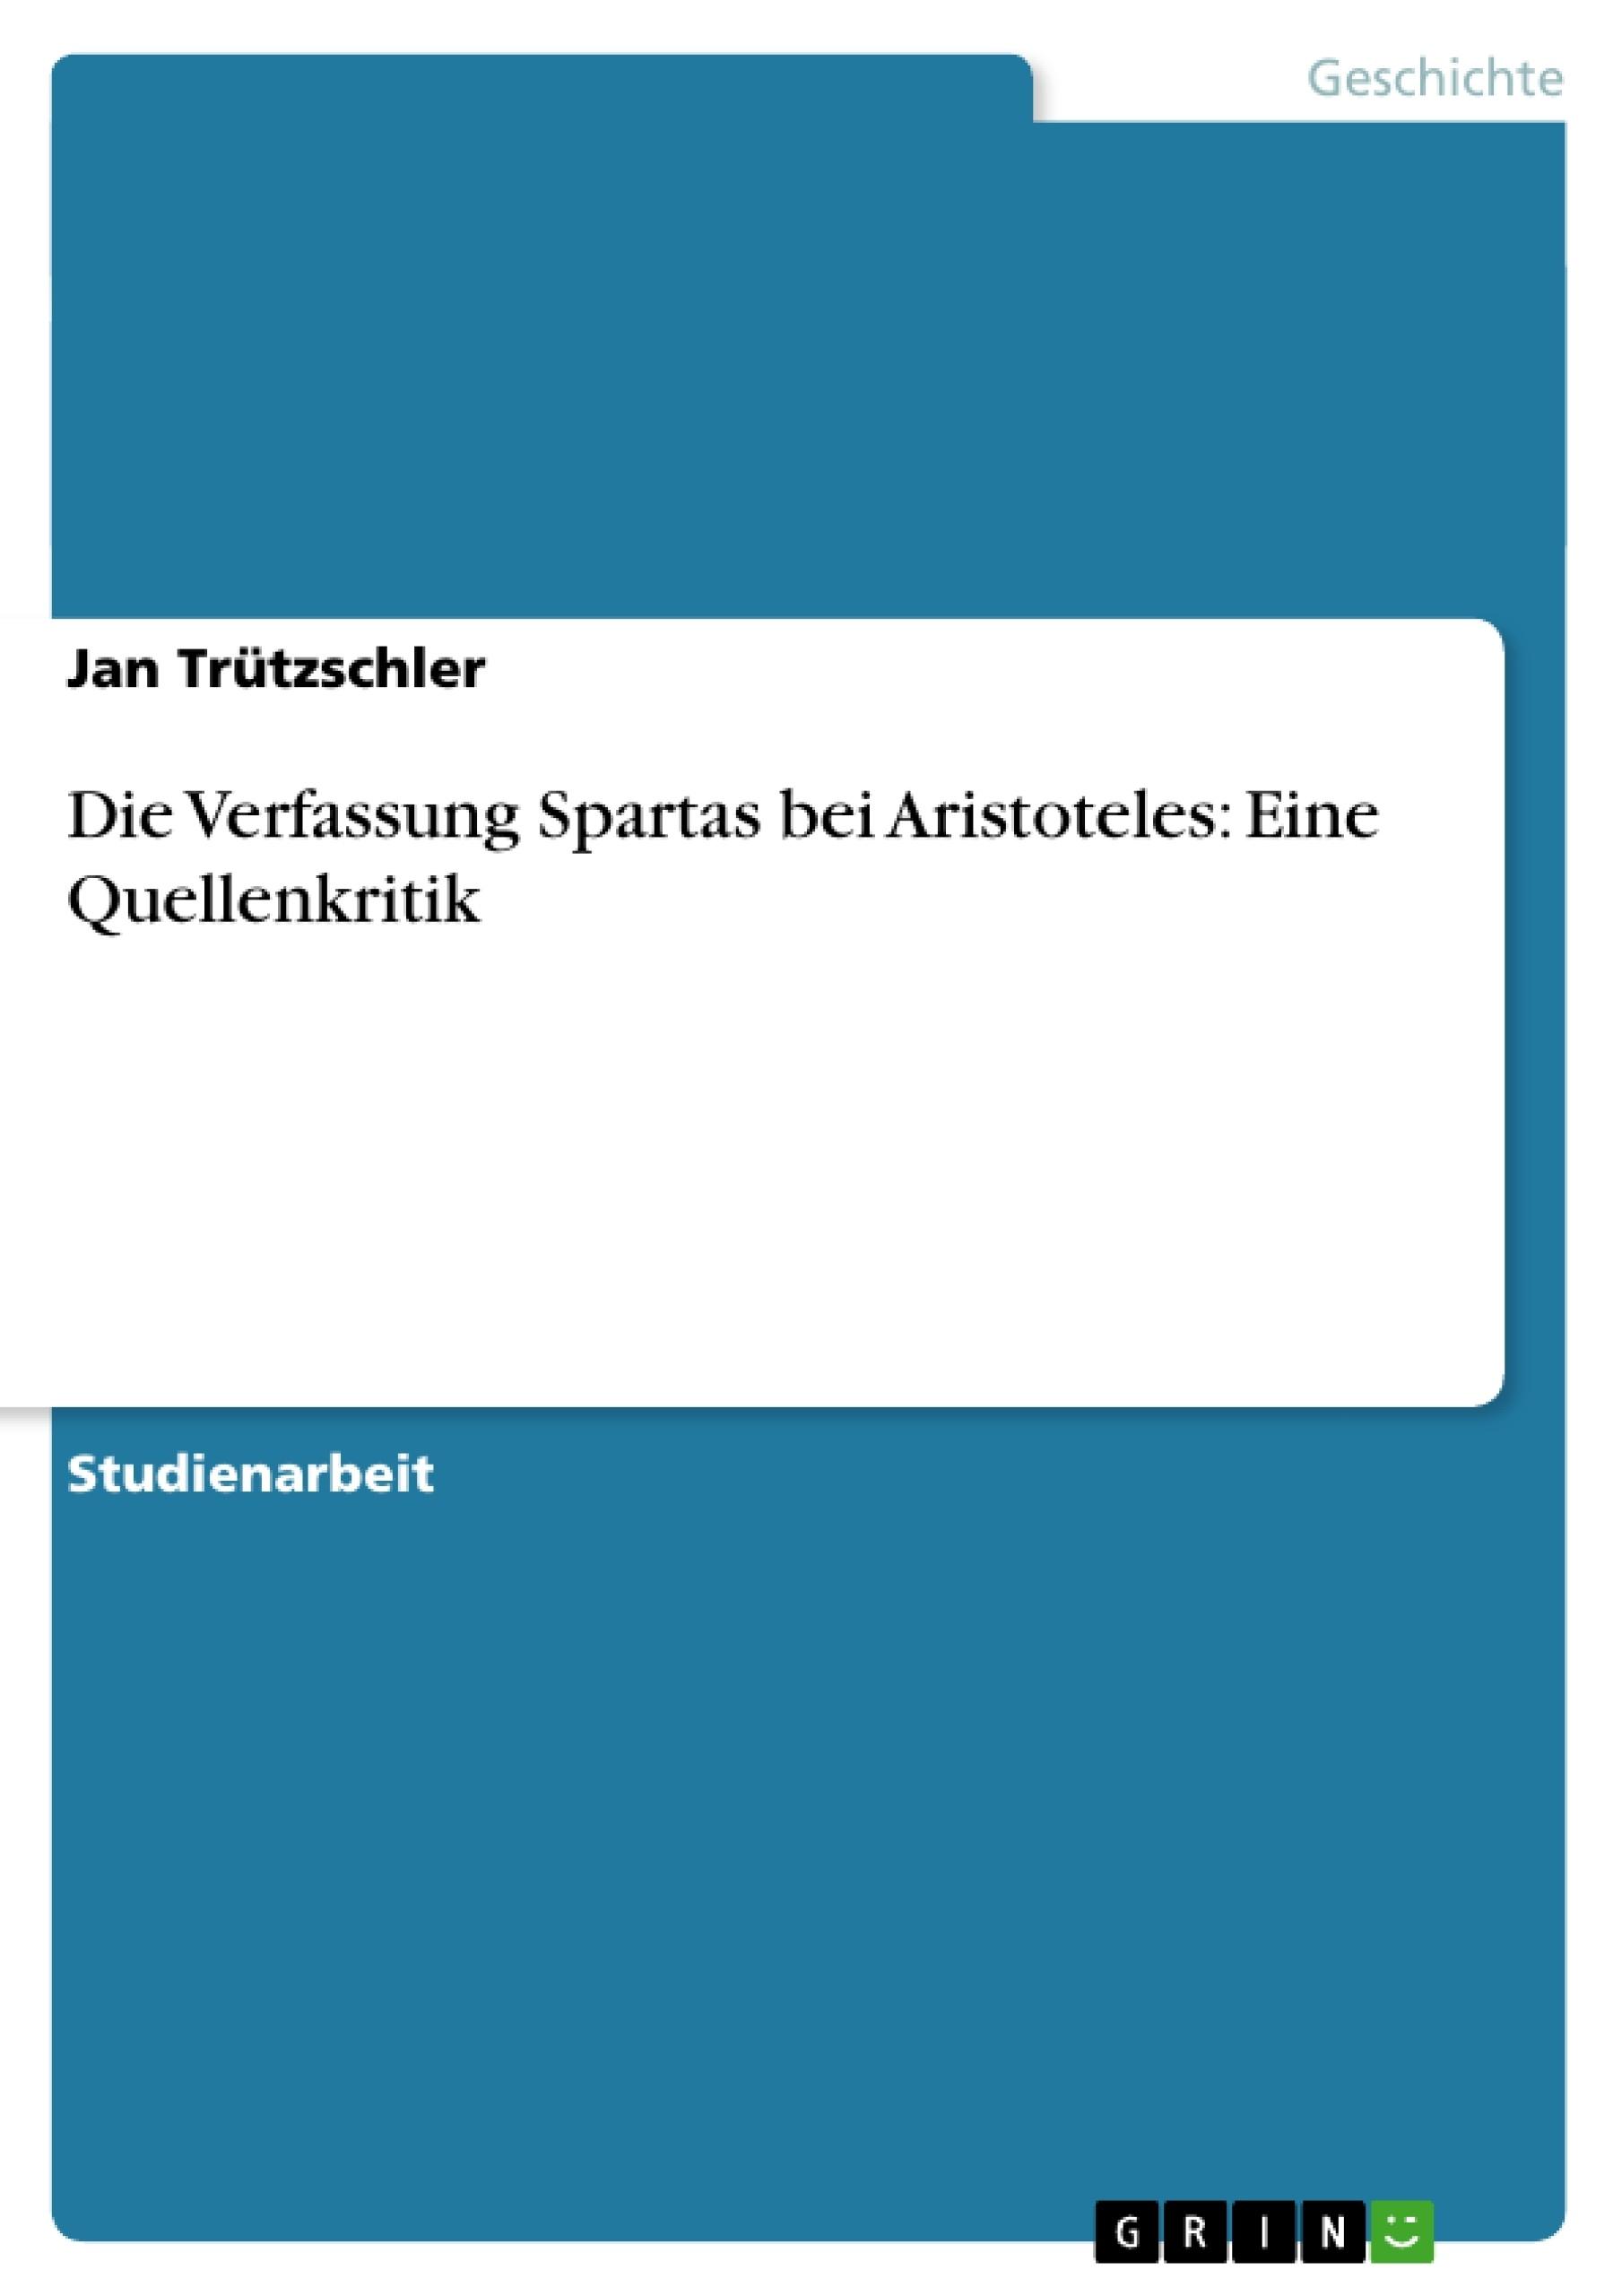 Titel: Die Verfassung Spartas bei Aristoteles: Eine Quellenkritik